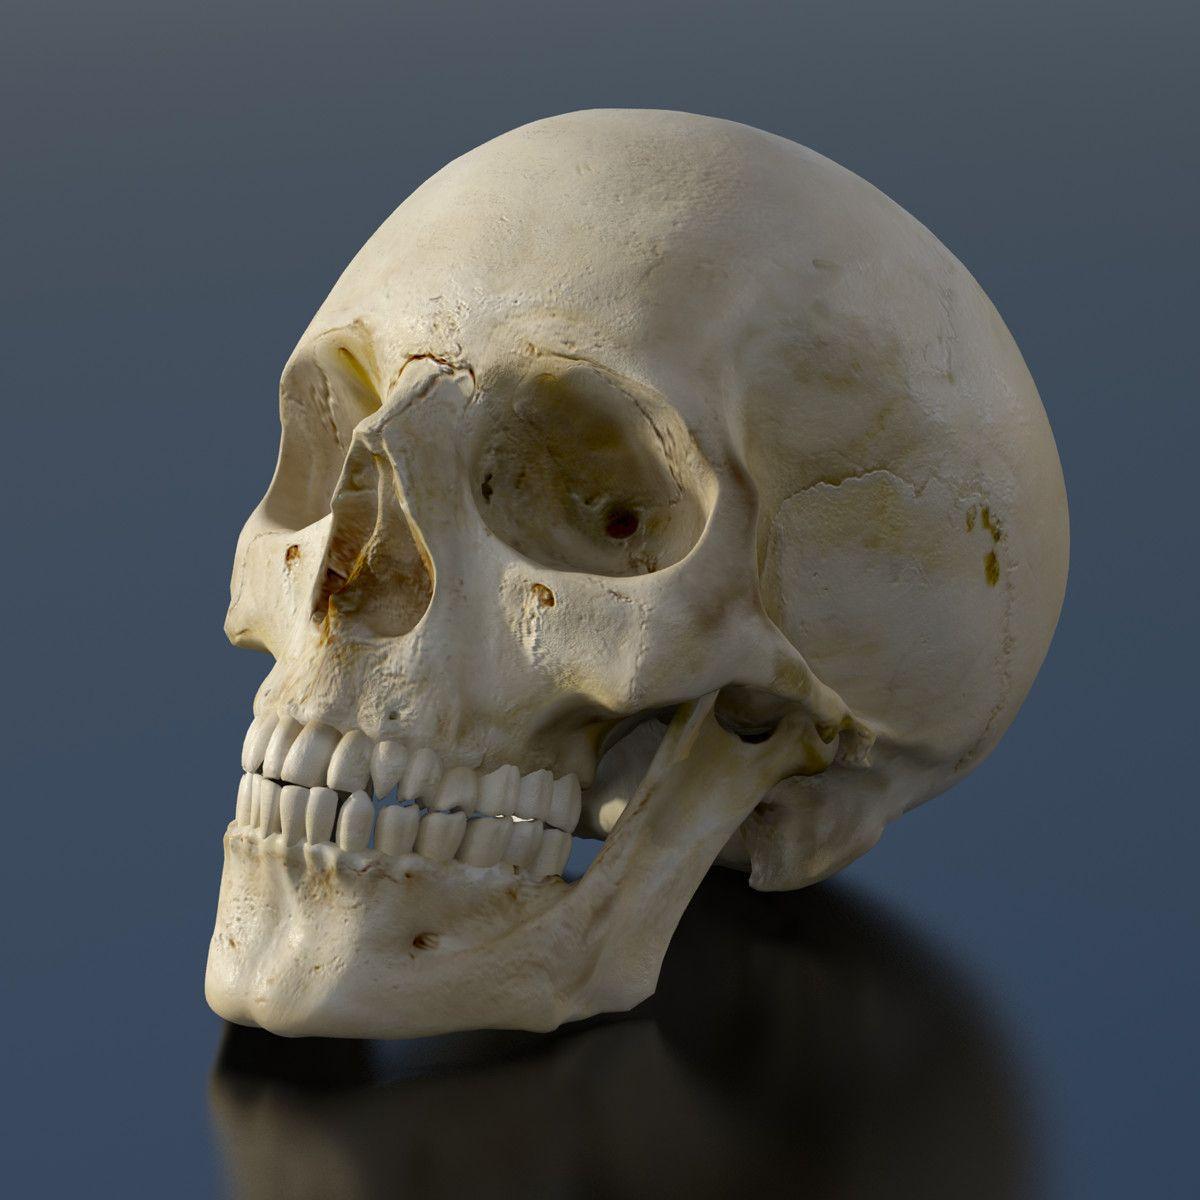 какой картинки анатомический черепа павлов пожелал главе